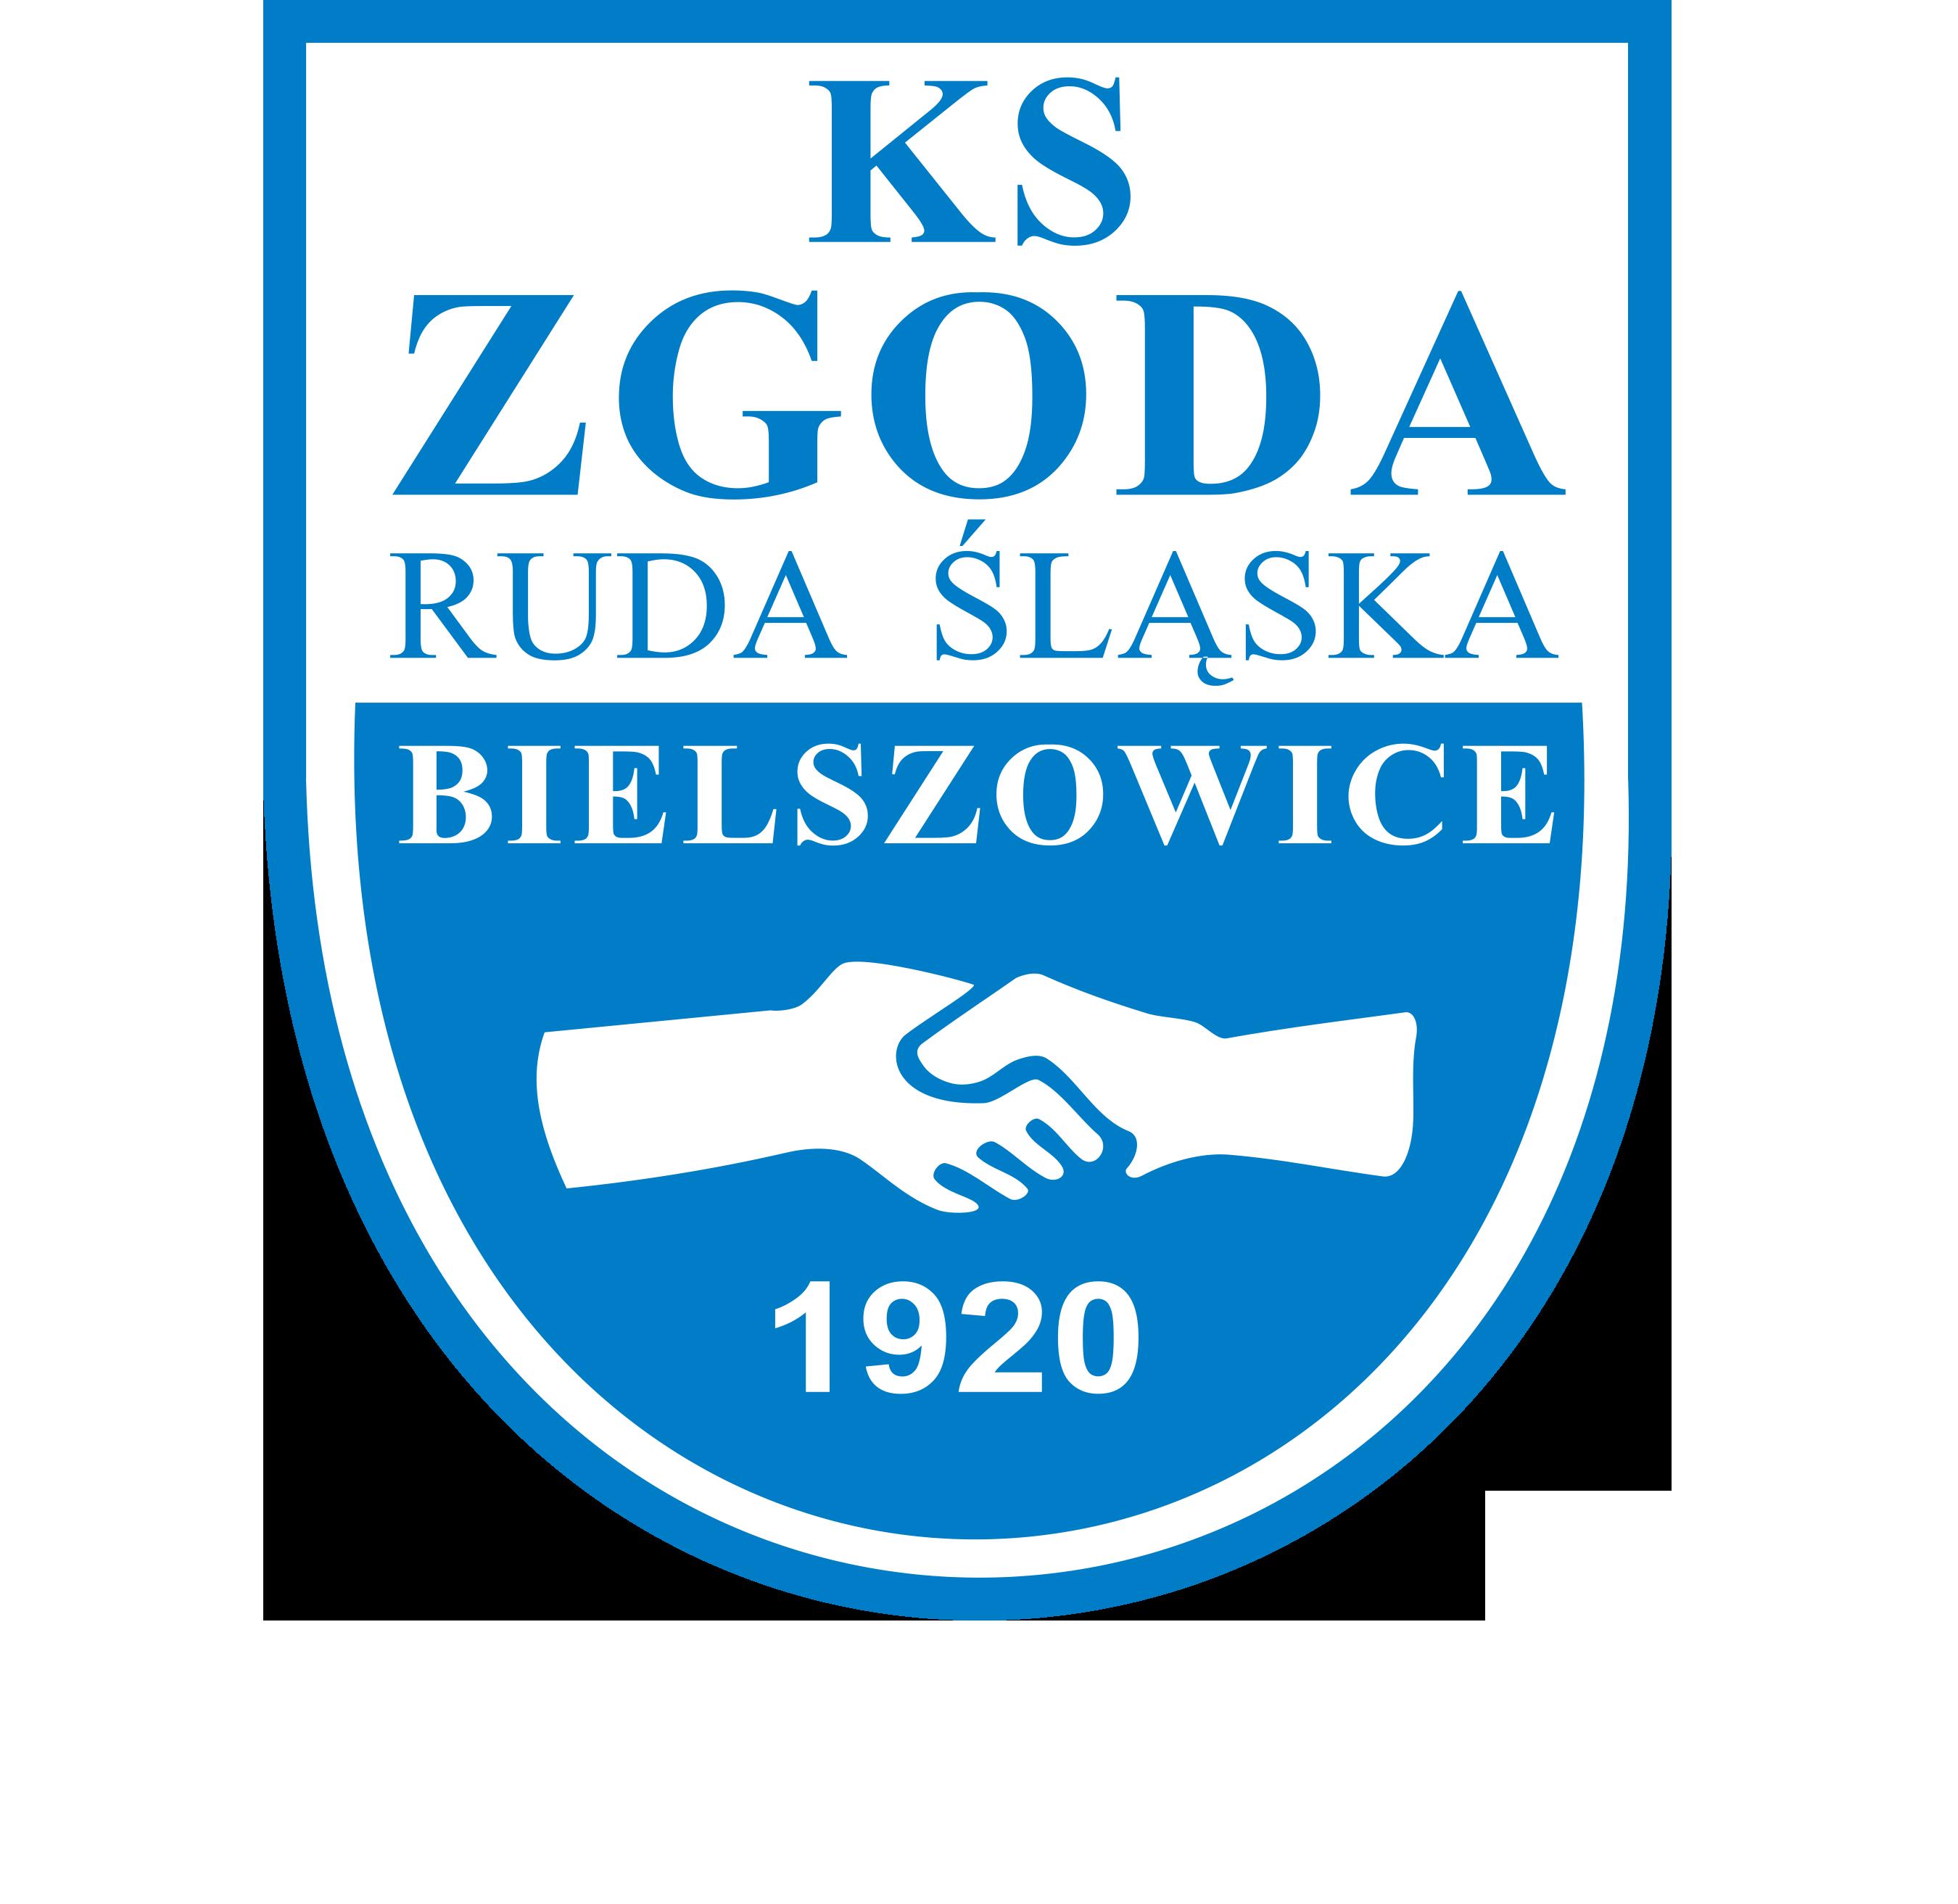 KS Zgoda Ruda Śląska Bielszowice (M.)